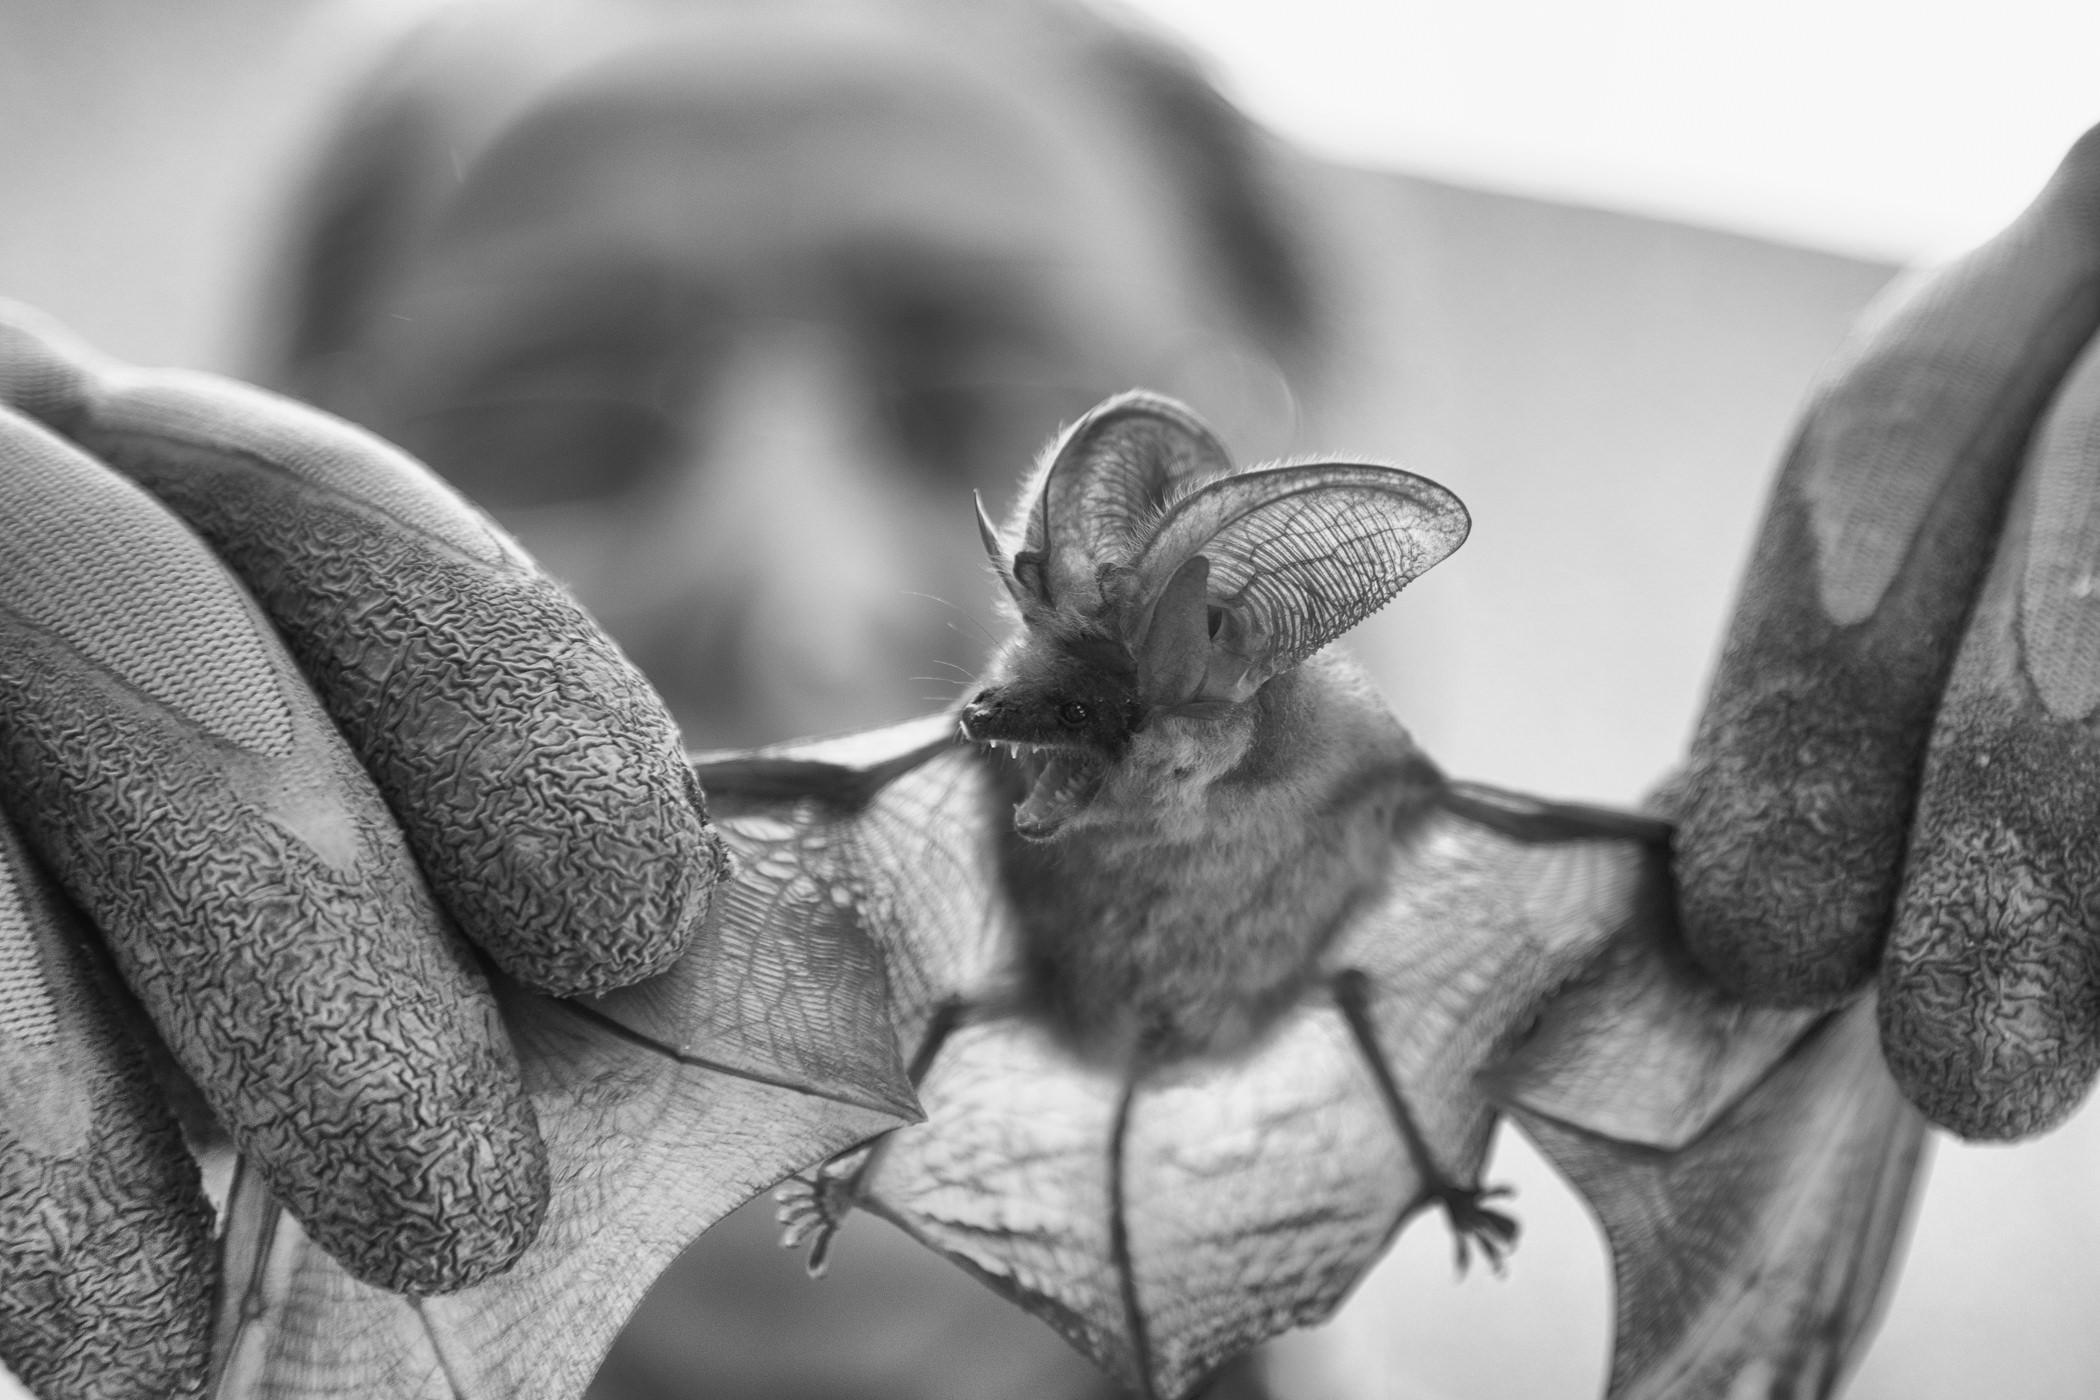 Murciélago chillando